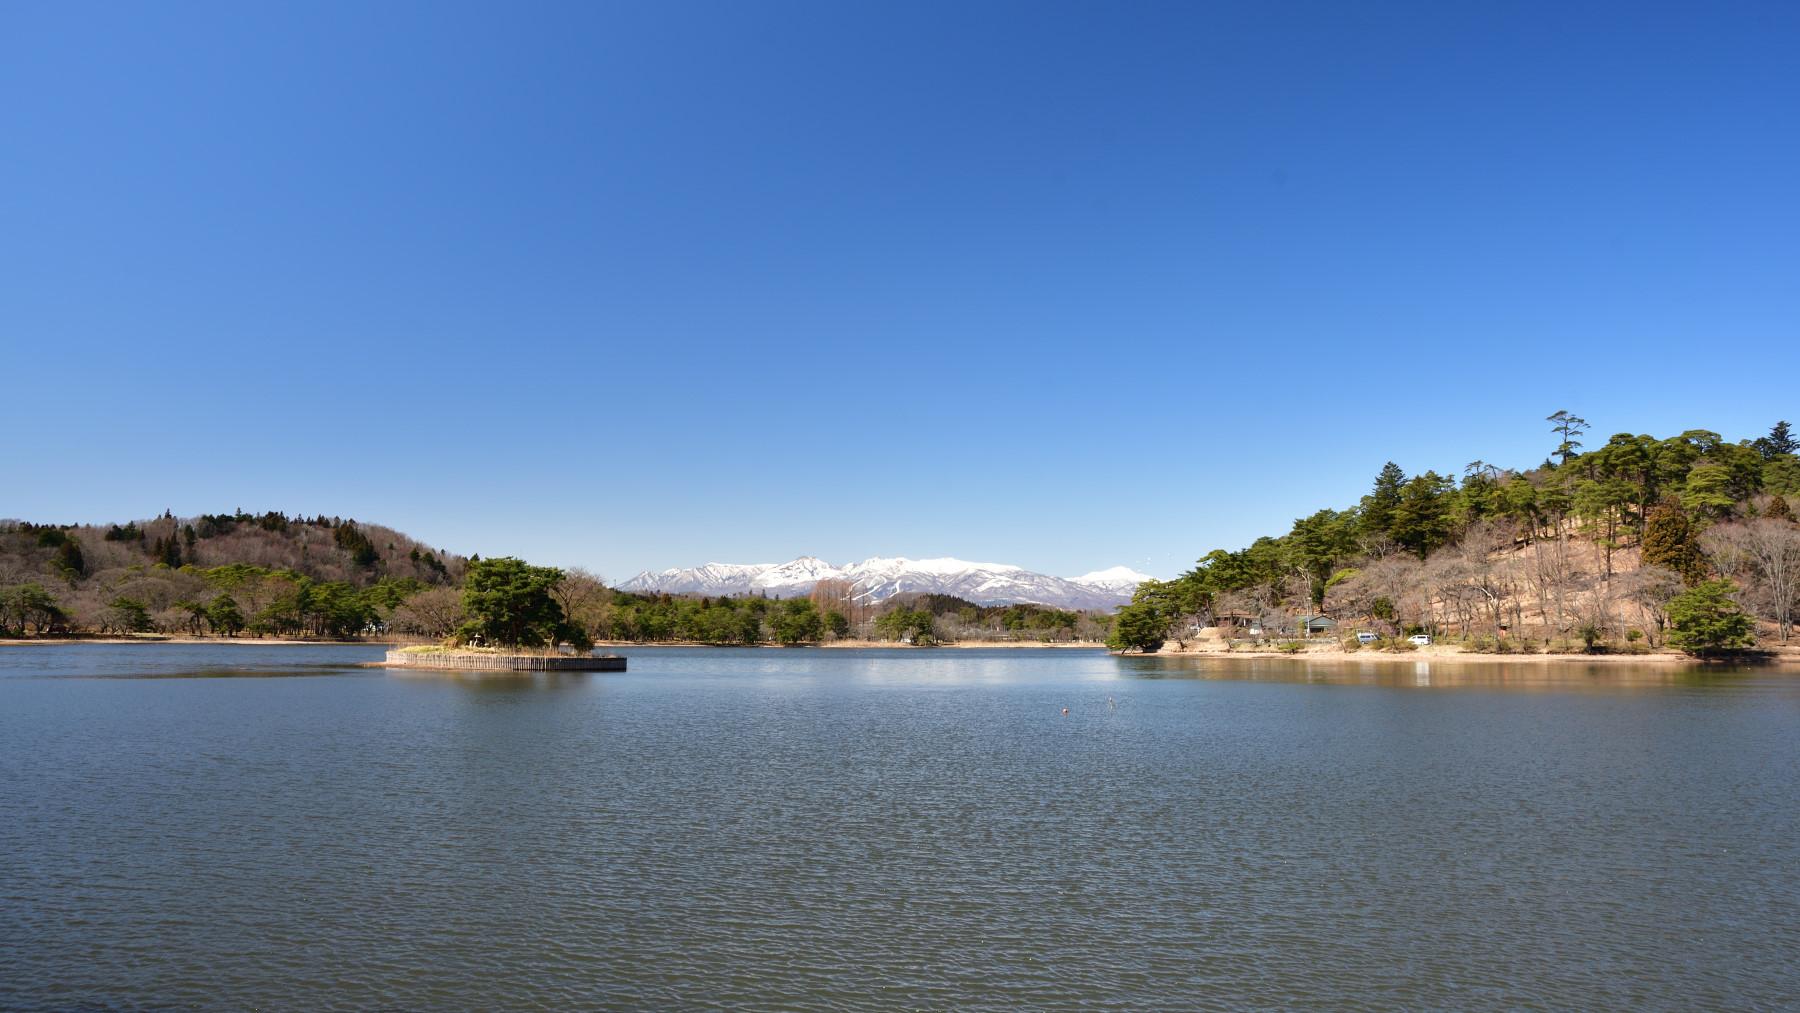 福島県白河市の南湖公園。